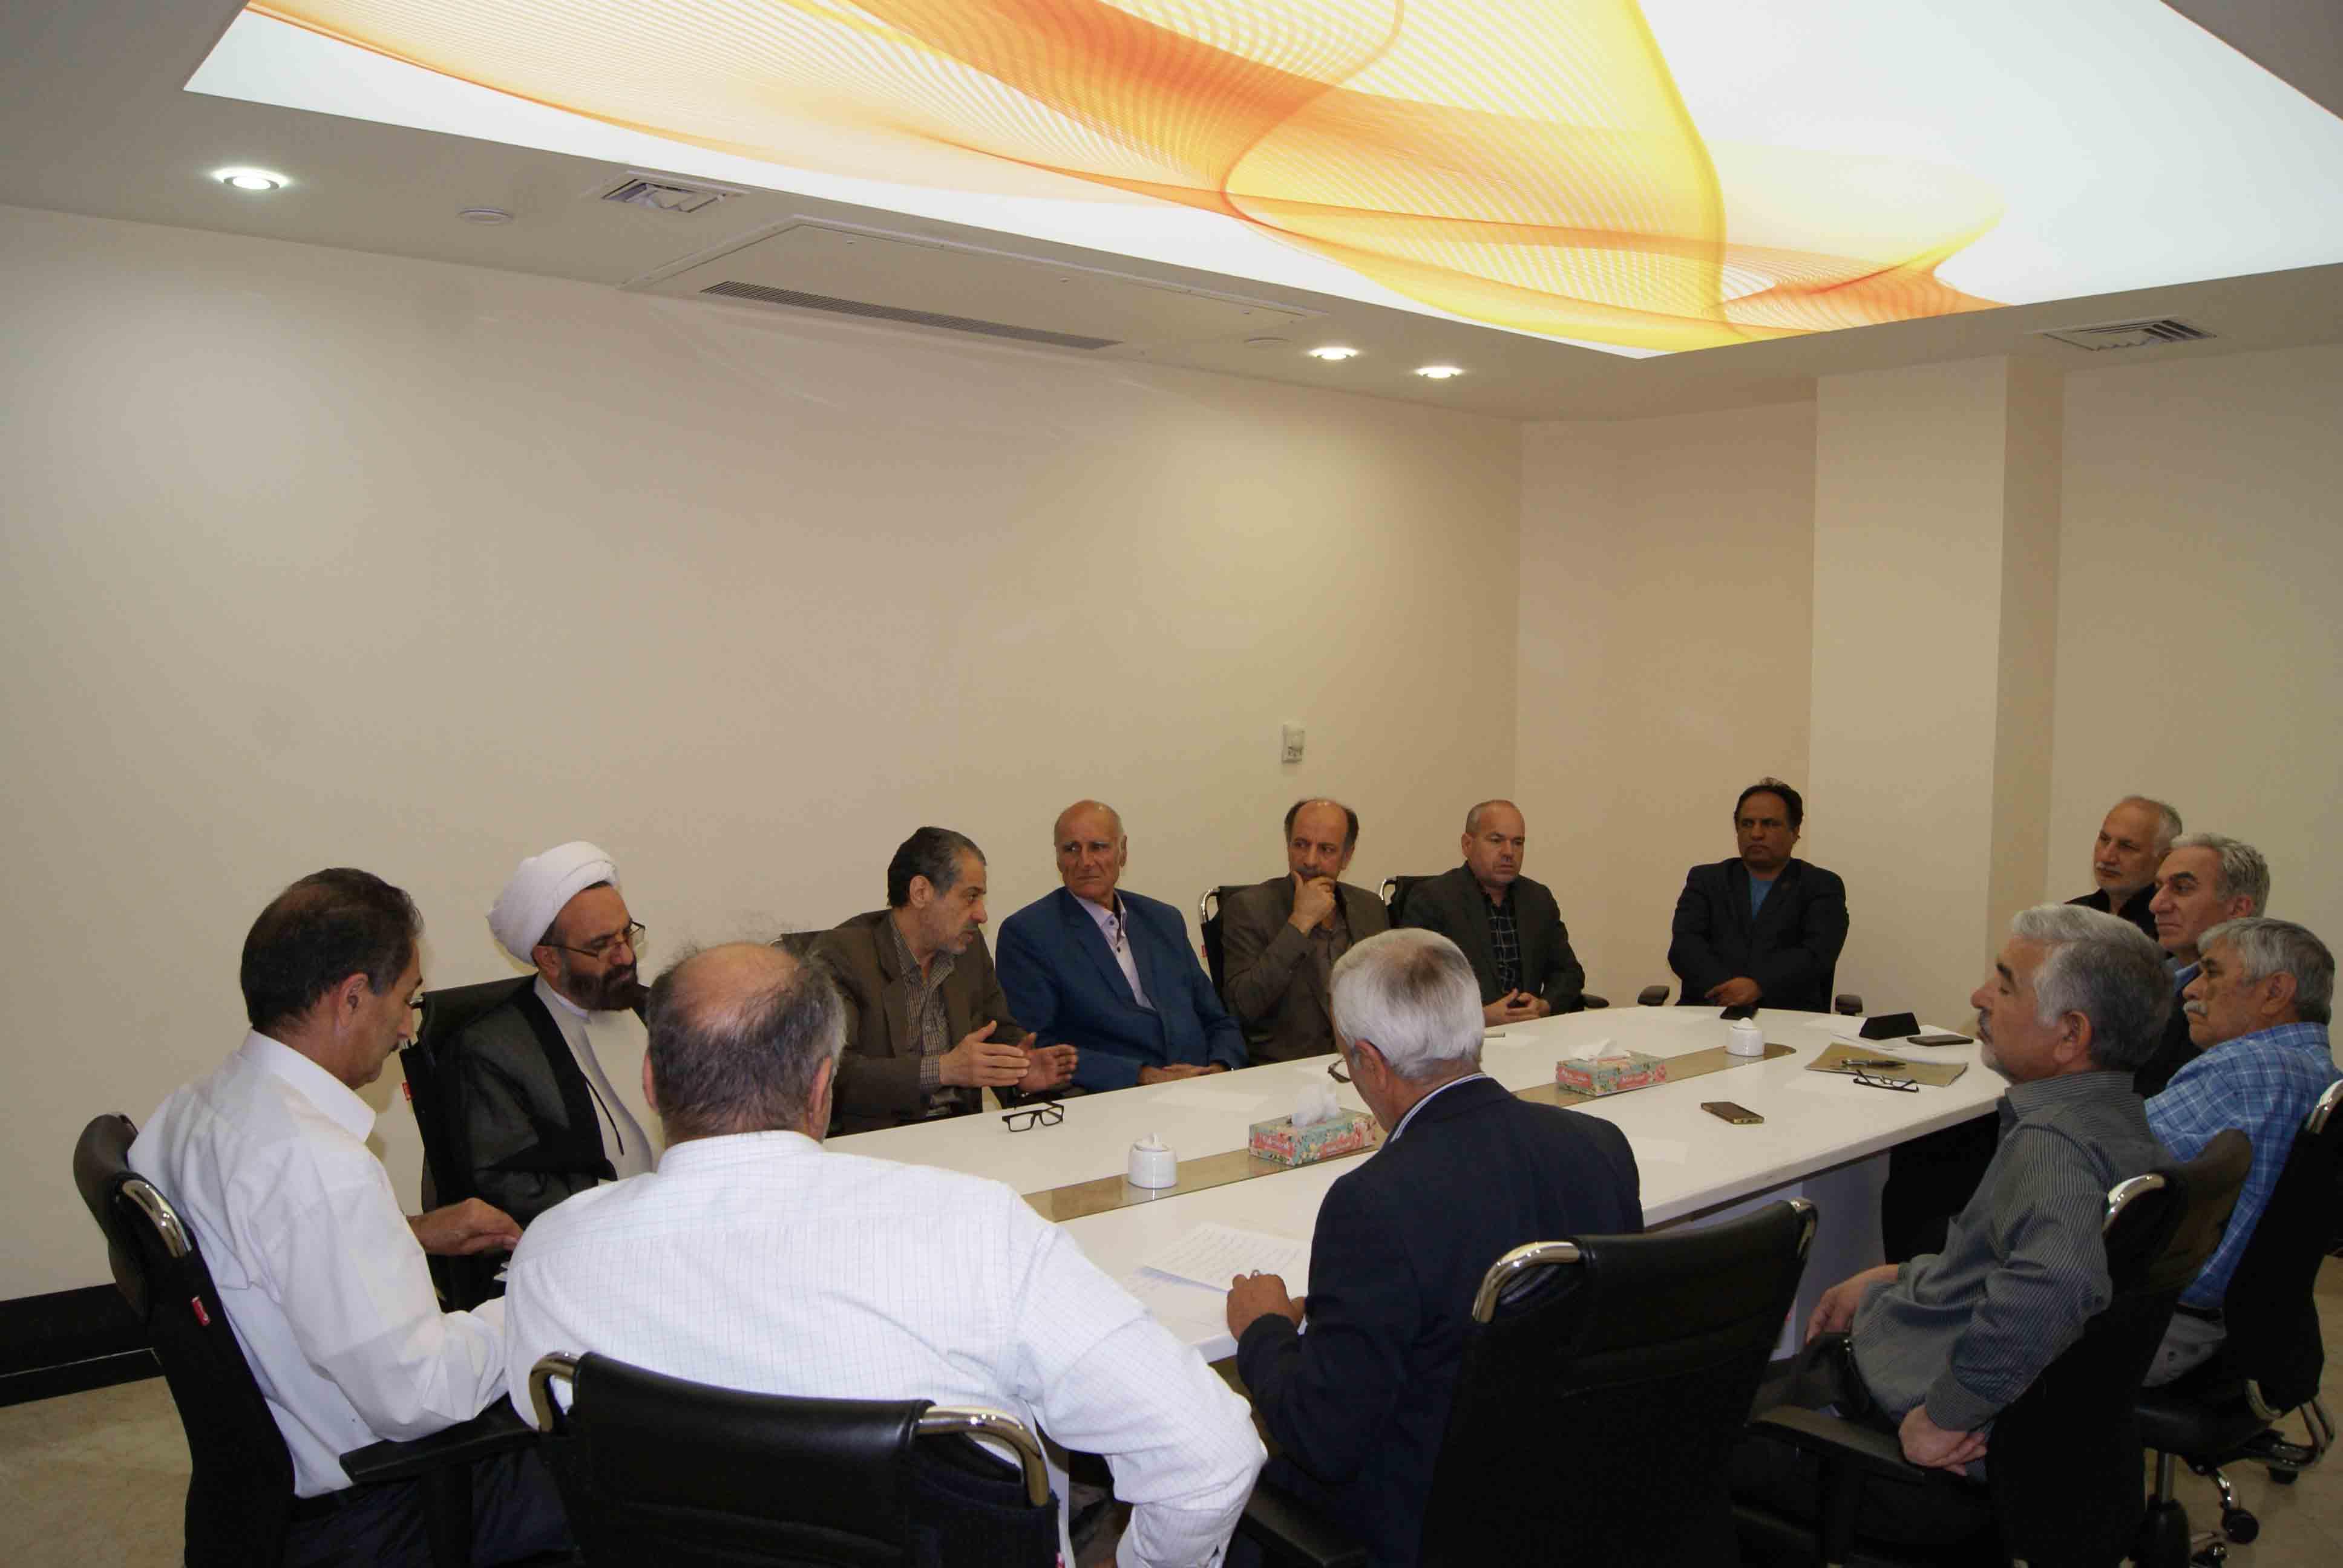 شکل گیری جلسه هیئت مدیره و کمیته تبلیغات مجمع خیرین سلامت استان